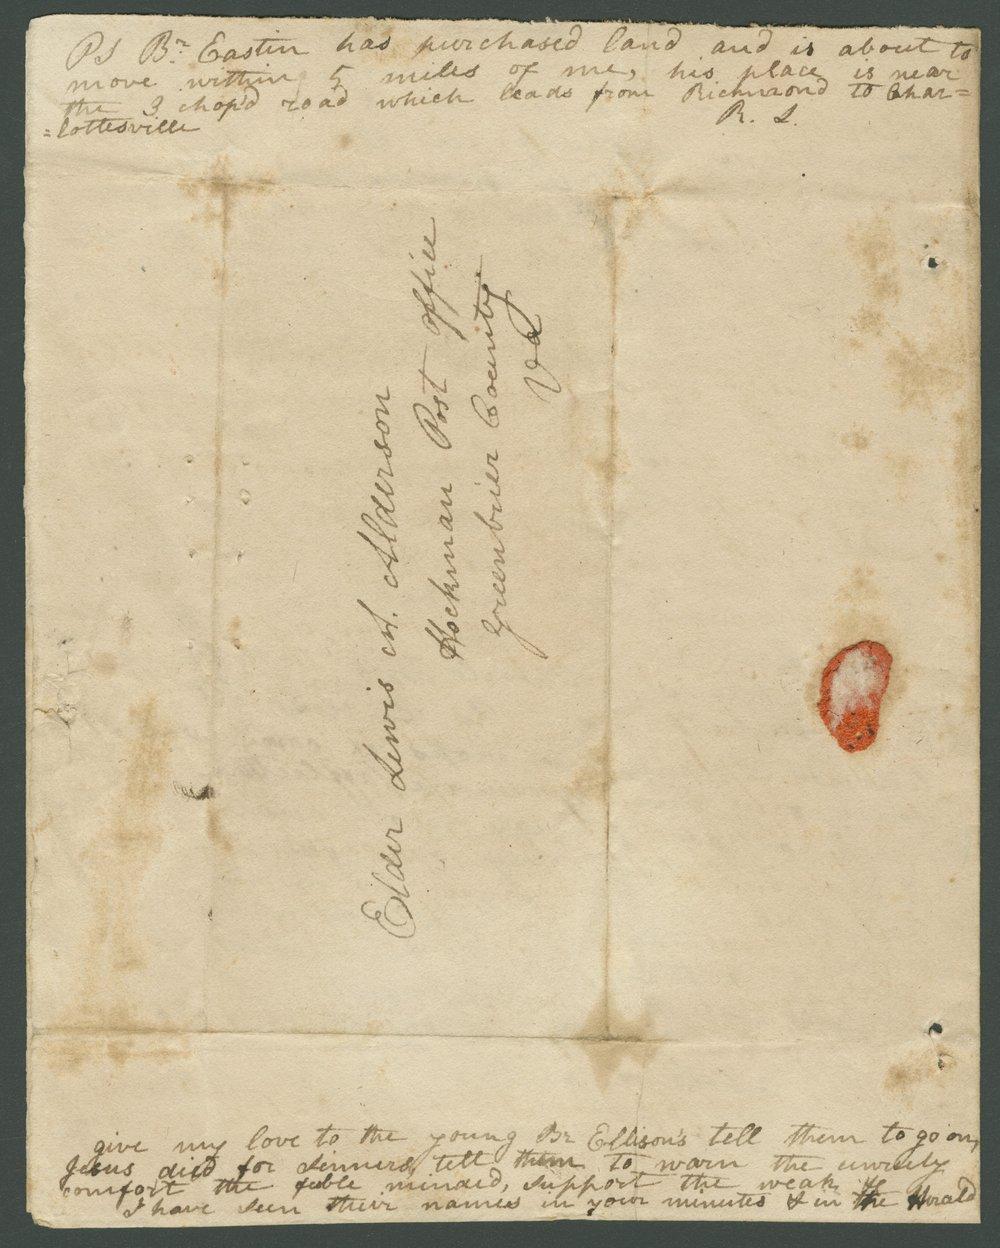 Robert Lilly to Lewis Allen Alderson - 4